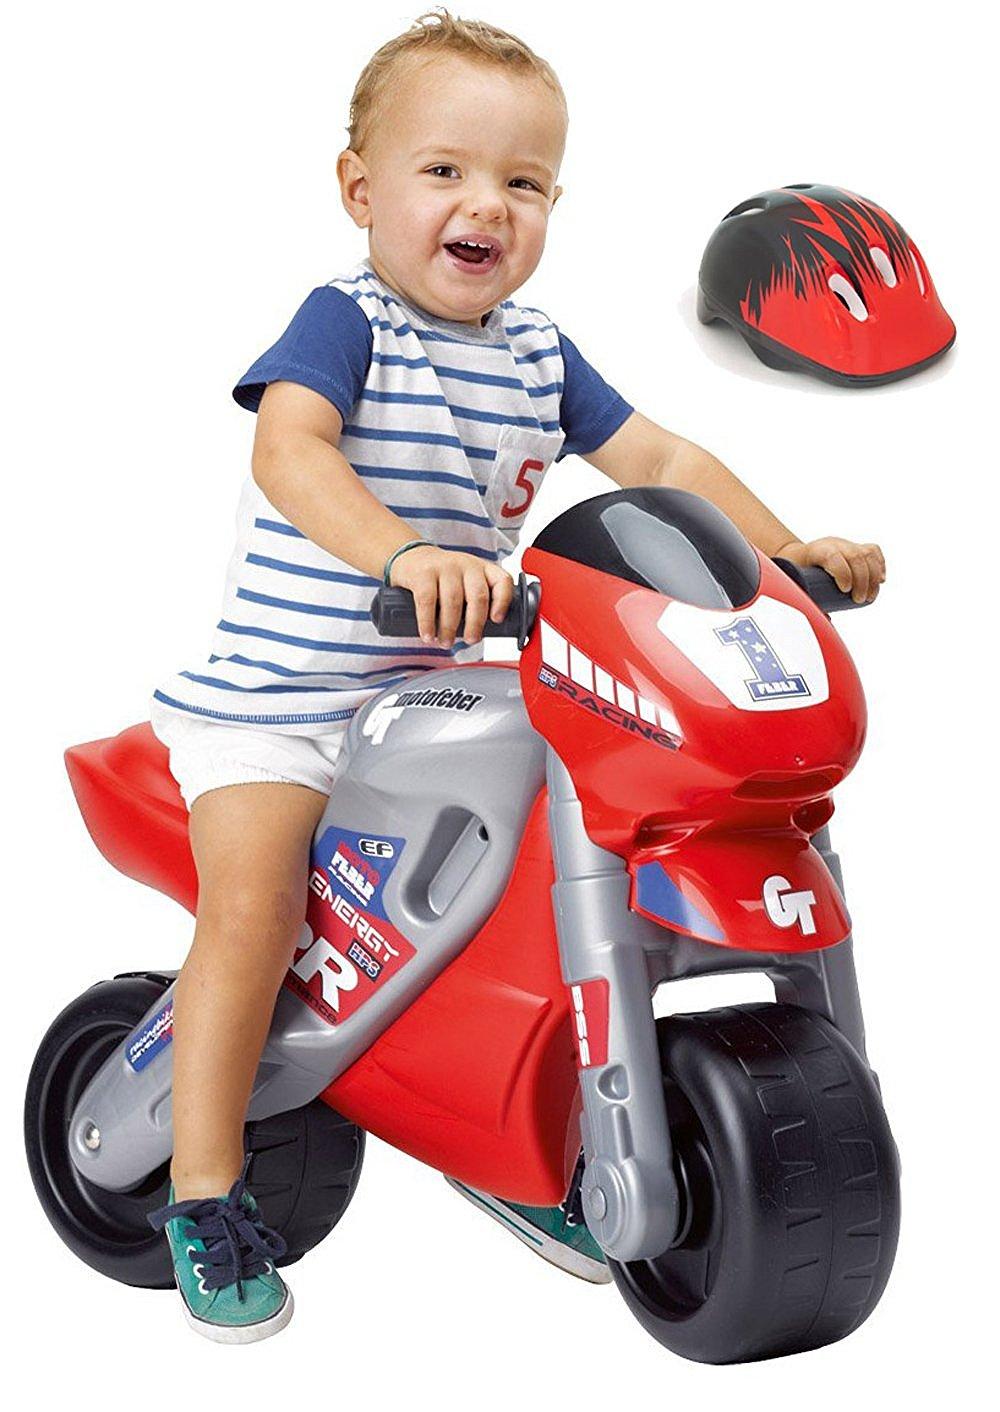 La moto-trotteur Feber 800008171